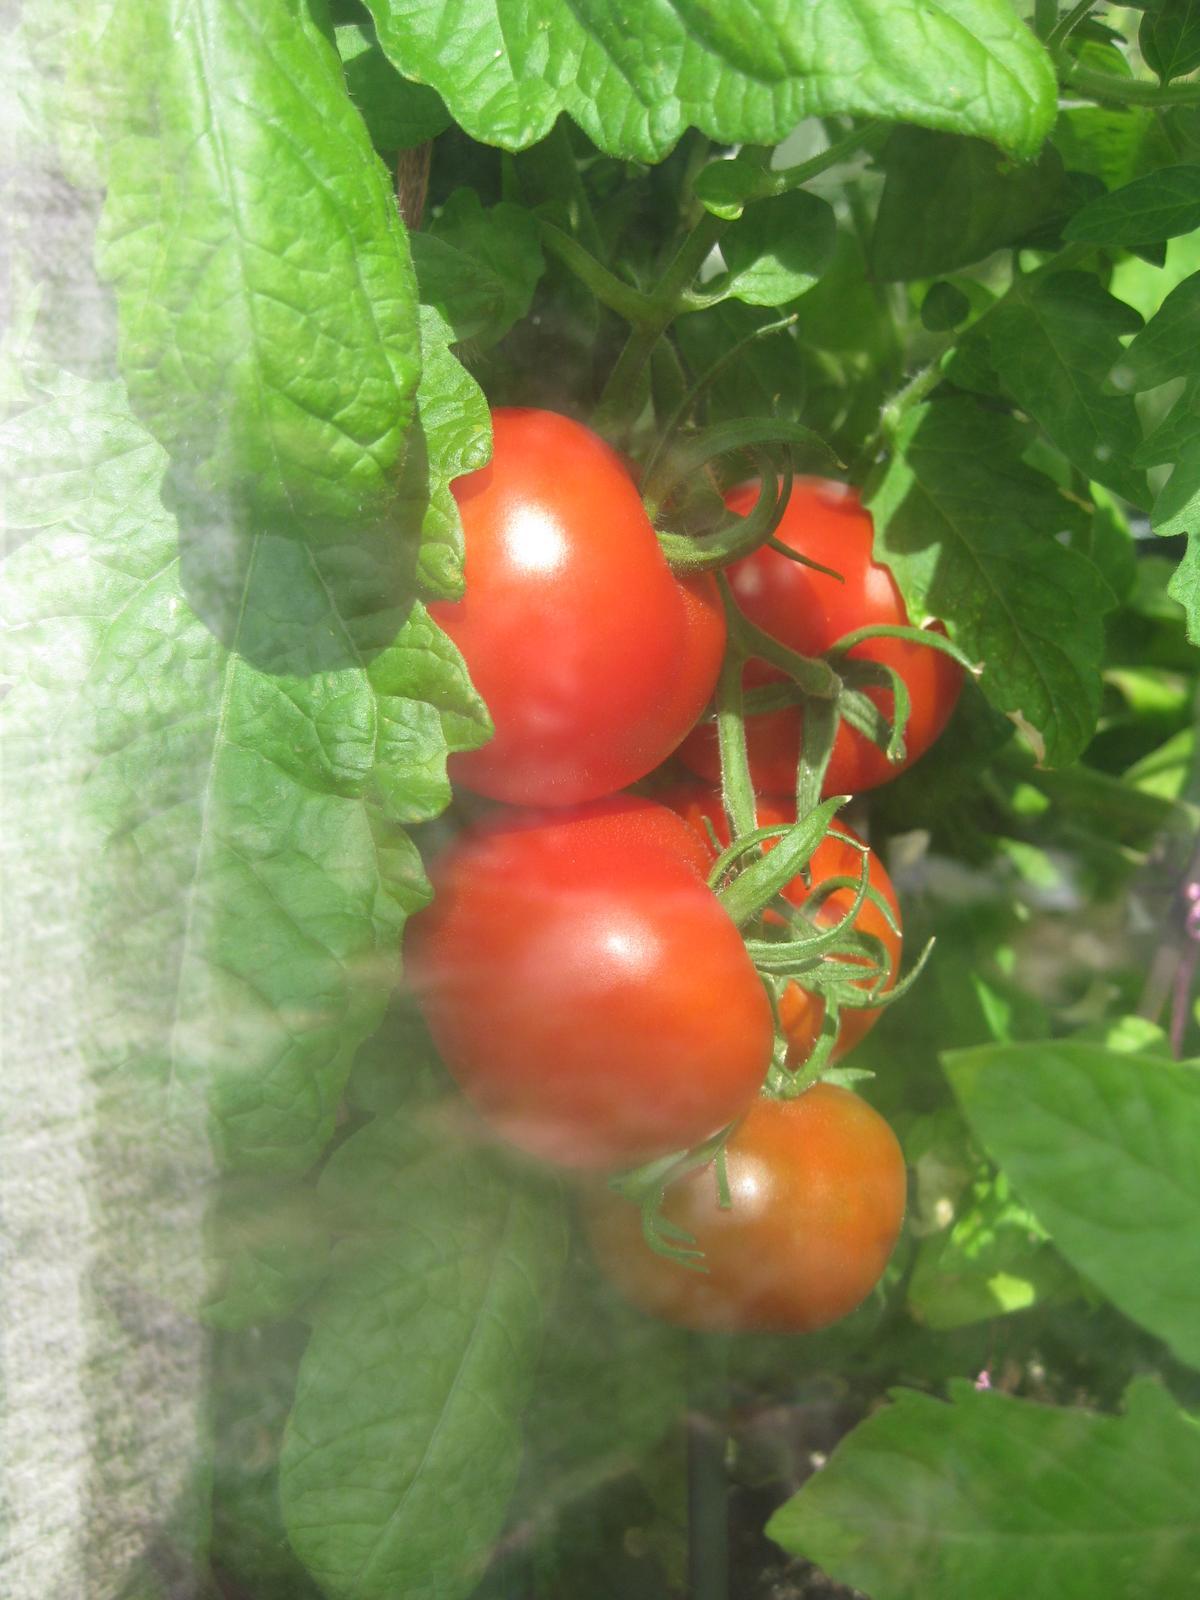 Včerajšie rajčinkovanie- oberačka, pikírovačka... - Obrázok č. 2